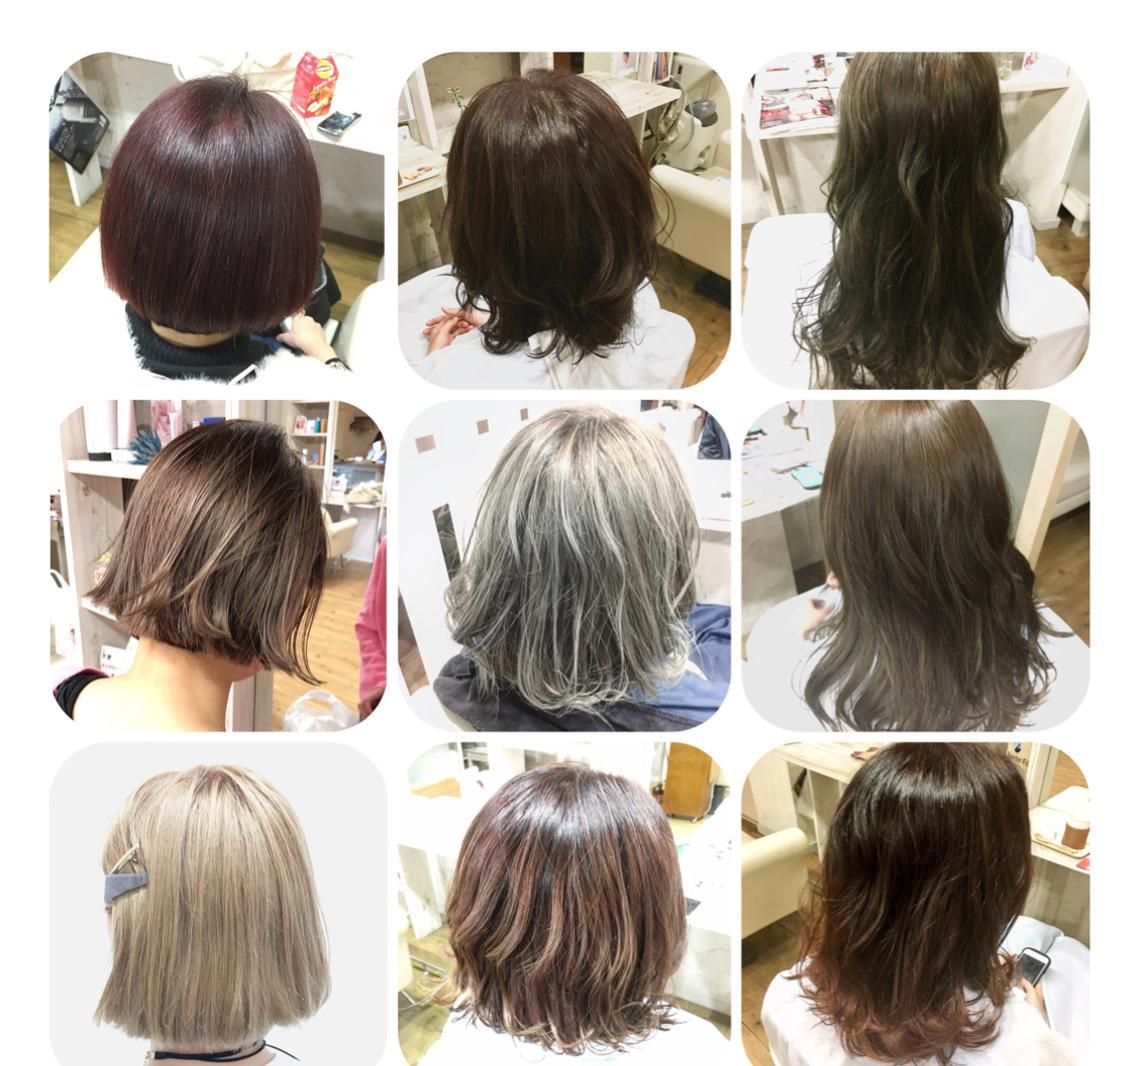 【✨ミニモ限定✨】•いつもとは違う雰囲気に❗️パーマモデル•傷んだ髪の毛に、あなただけのヘアケアを!オージュアトリートメントモデル •トレンドカラーで美しい髪色へ!カラーモデル募集中✨*注意事項あり